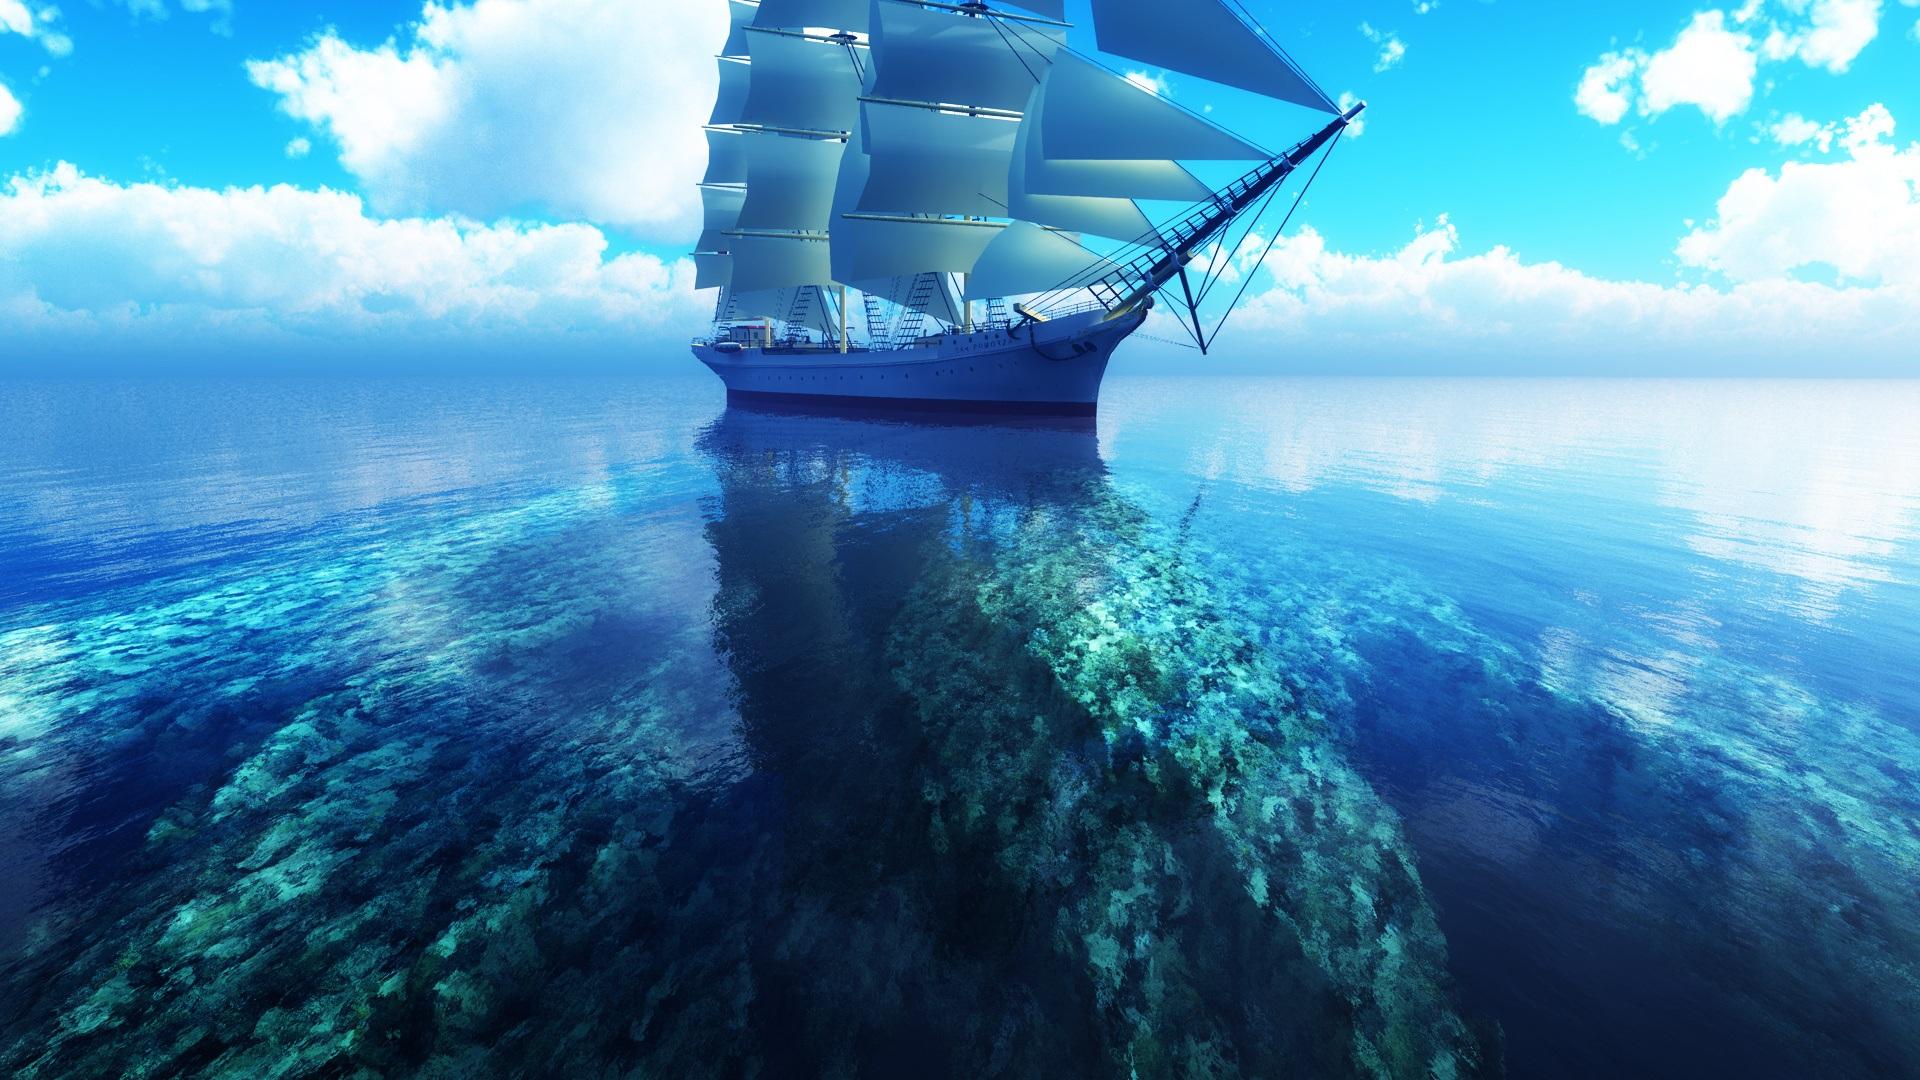 Fonds D Ecran 3d Voilier Bleu De La Mer 1920x1200 Hd Image